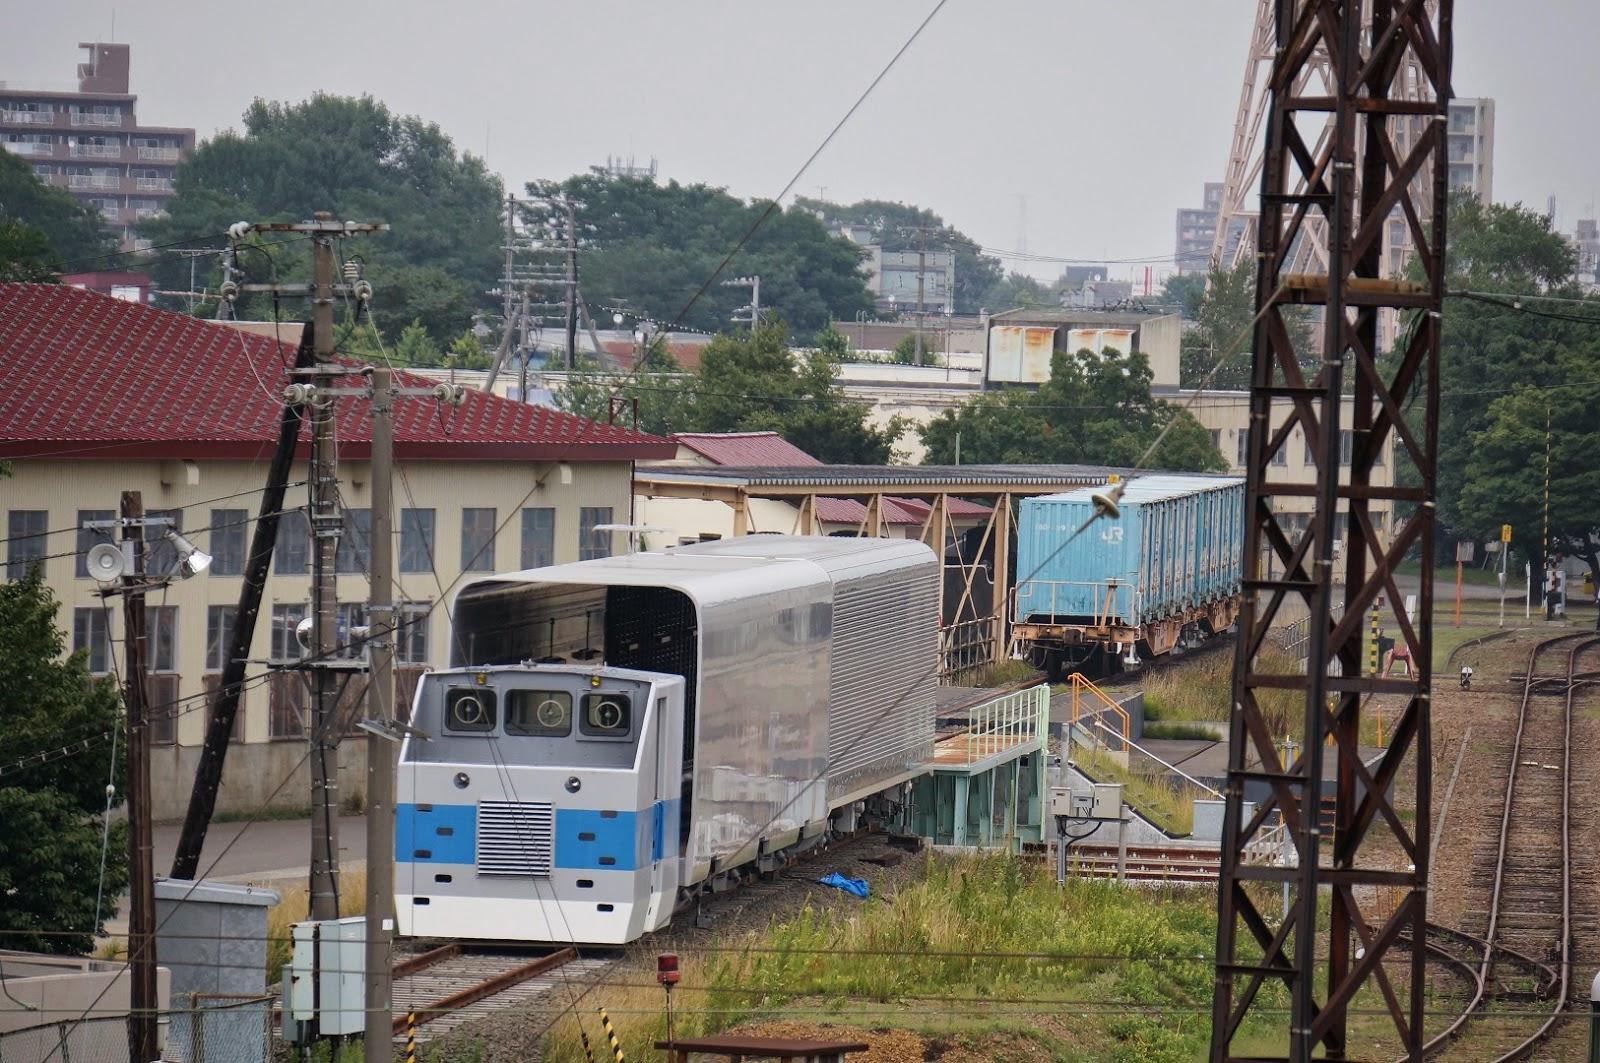 苗穂工場に留置されるトレインオントレイン試験車両